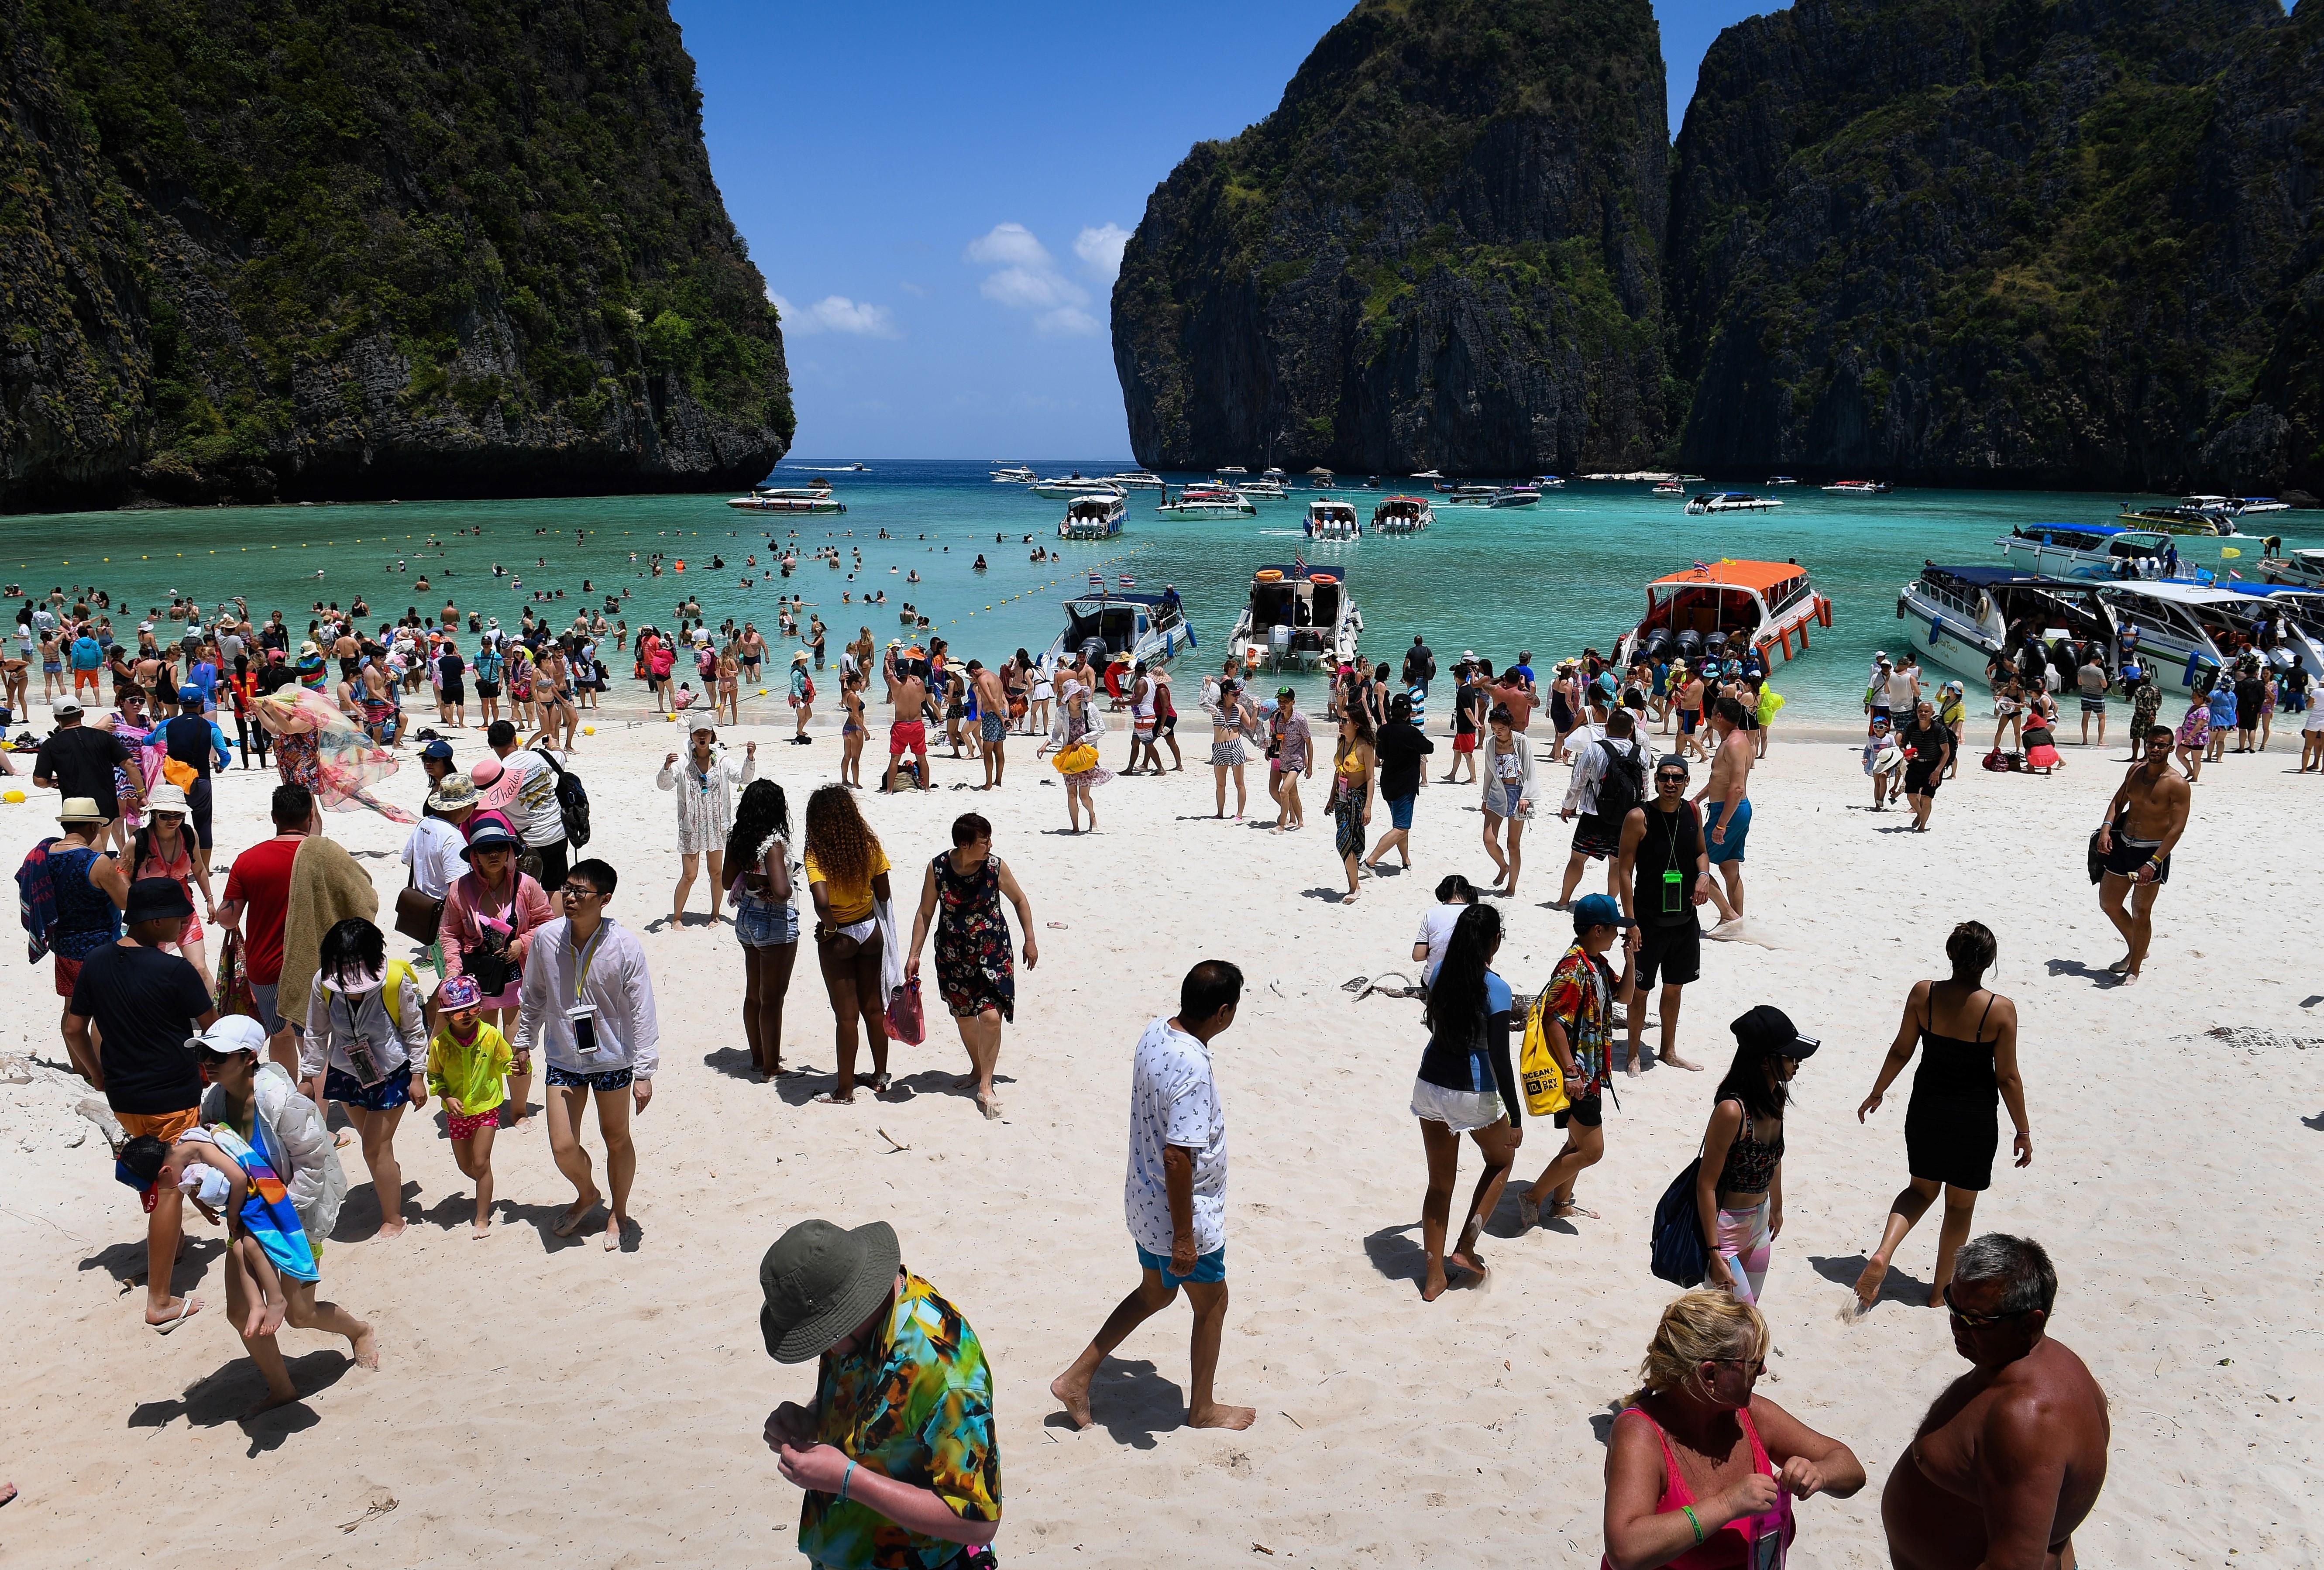 """Maya Bay, na Indonésia: cenário de """"A praia"""" pagou preço alto pela fama. Foto de Lillian Suwanrumpha (AFP)"""